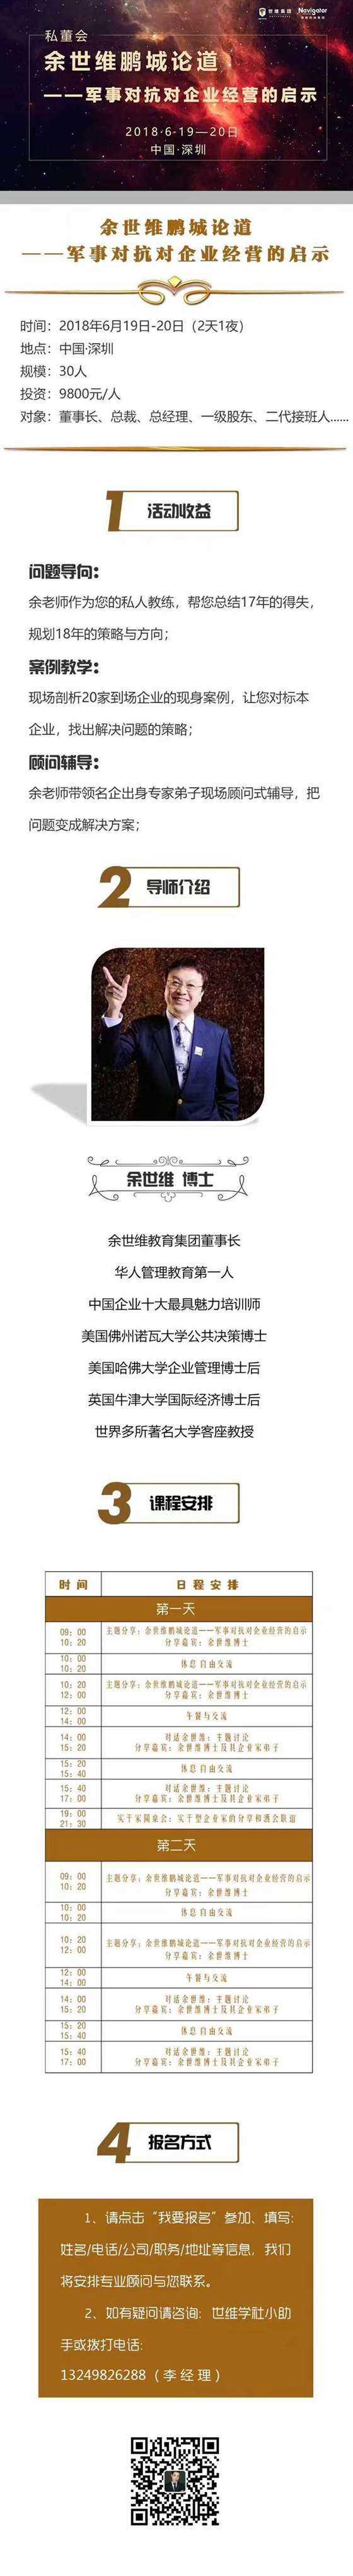 余世维——军事软实力2018.06.05.jpg